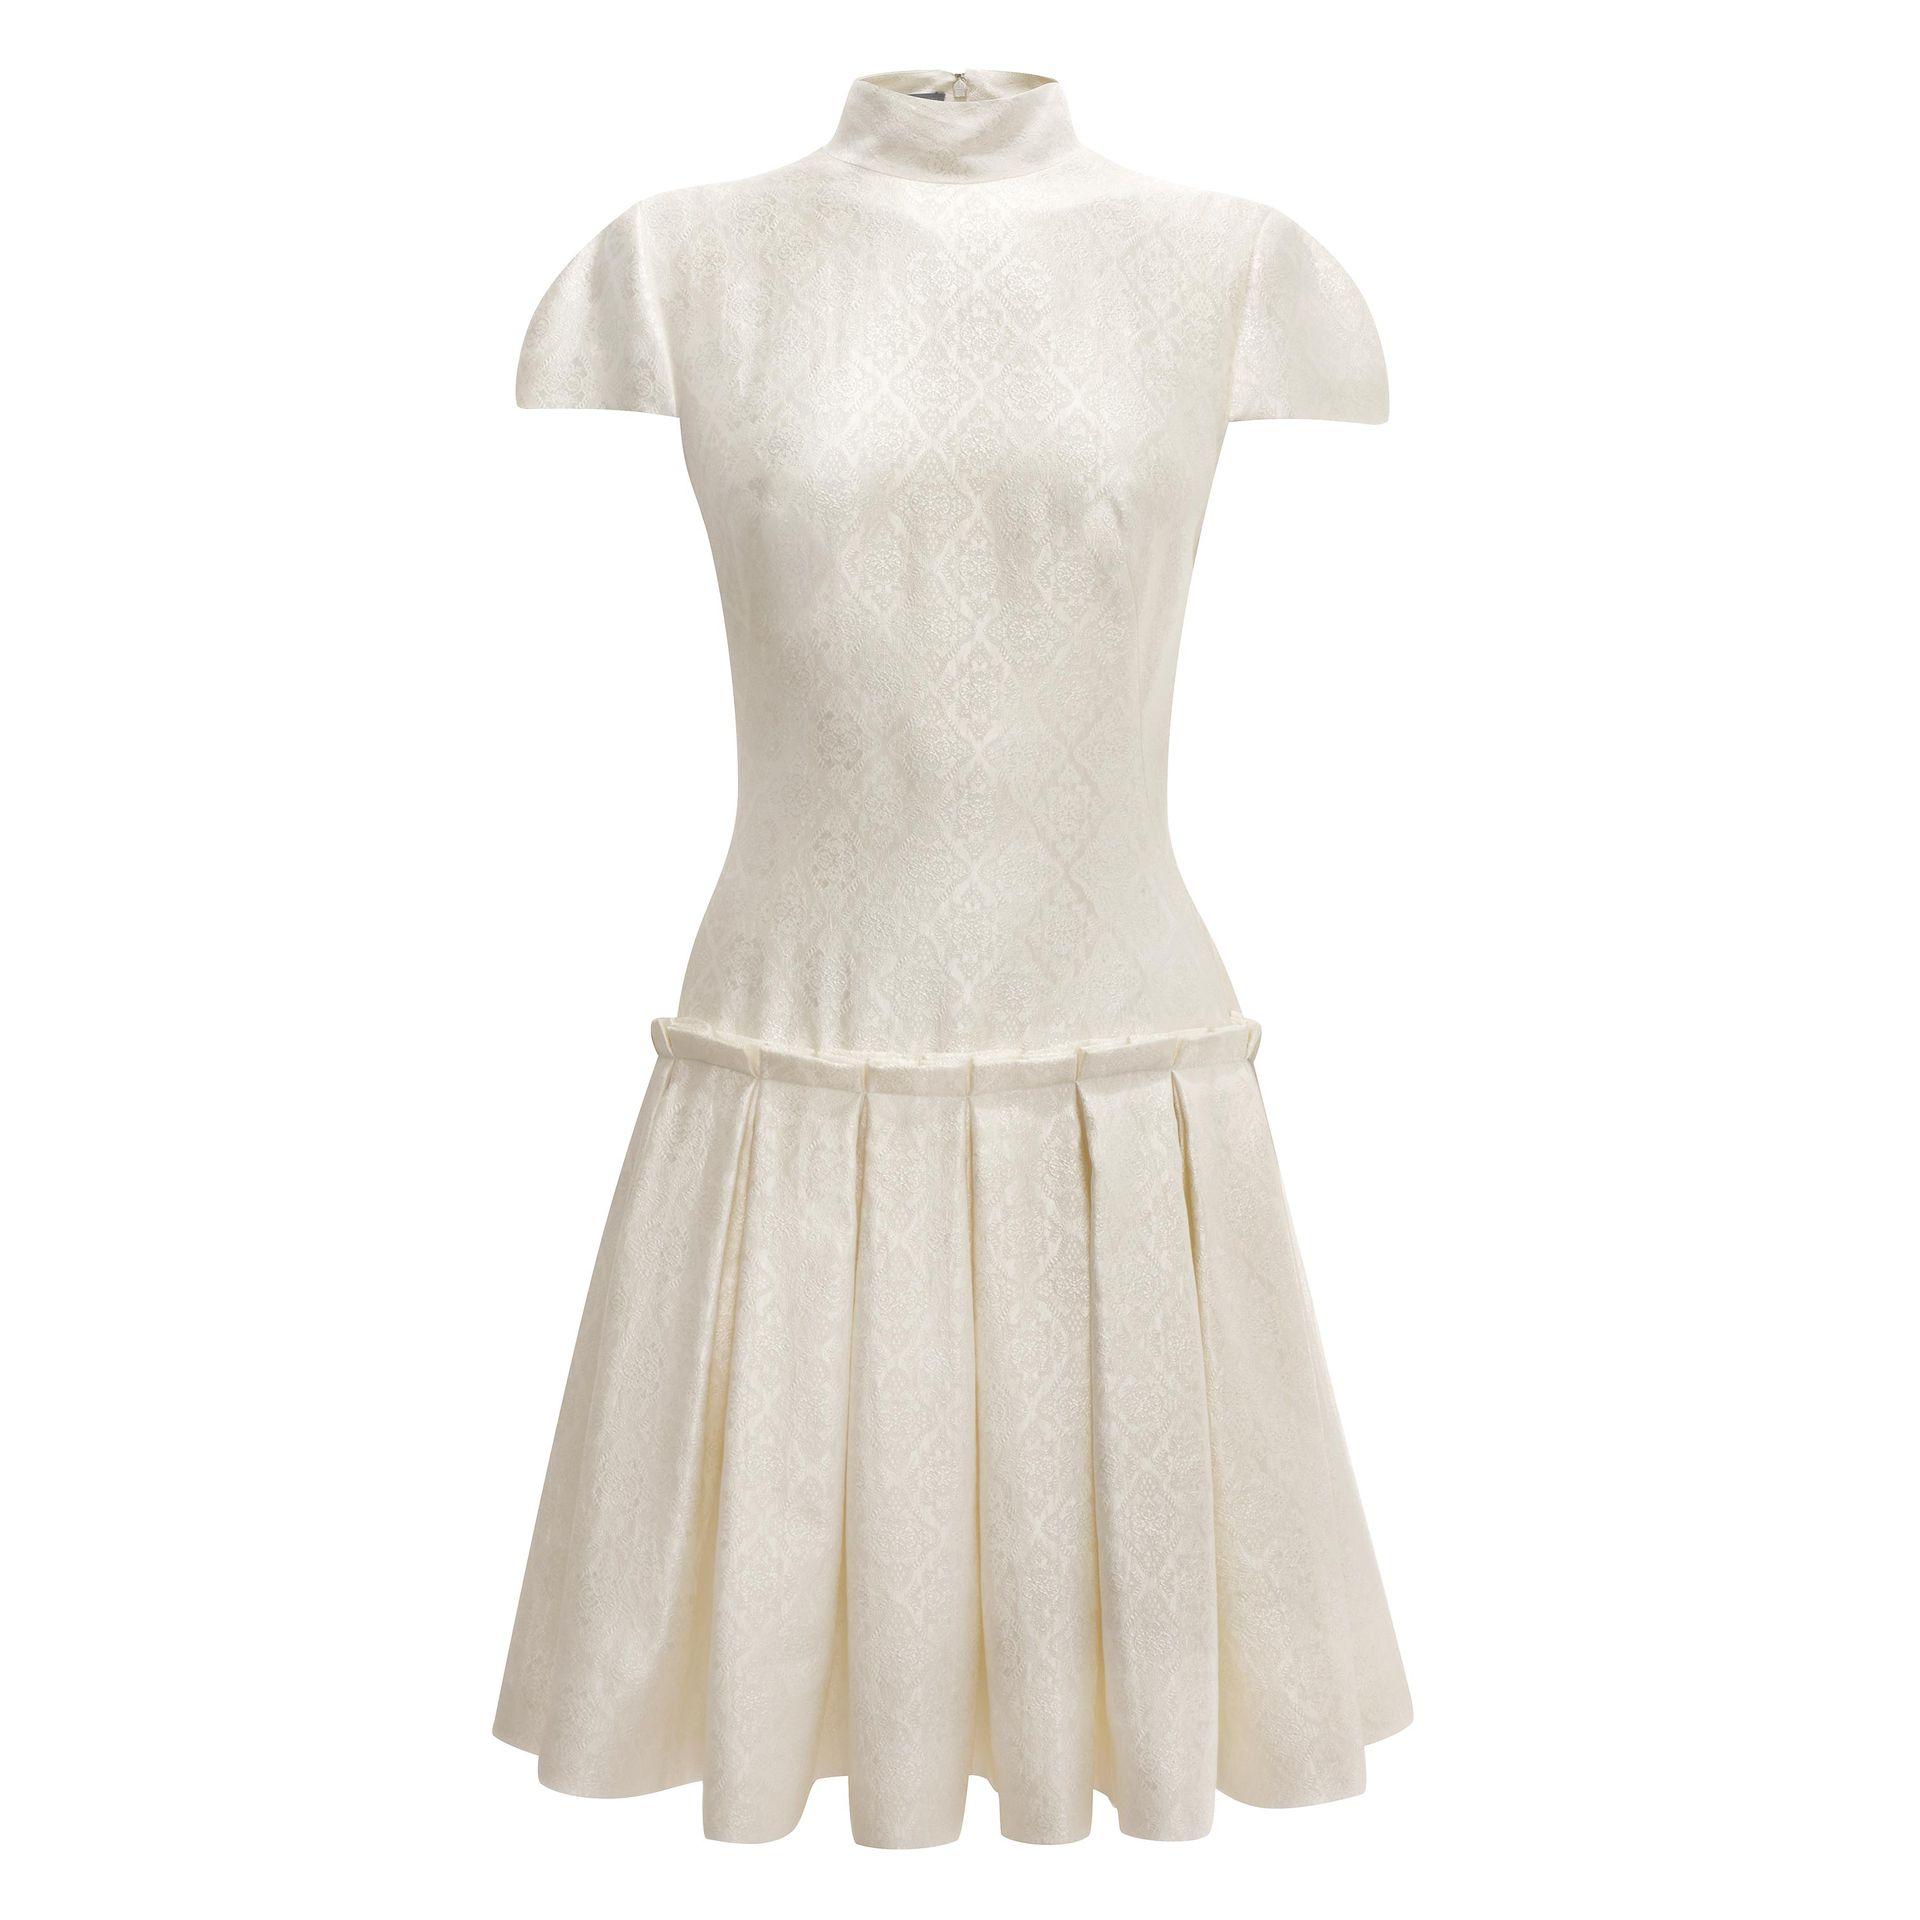 Lyst - Alexander McQueen Organza Jacquard Box Pleat Mini Dress in White f2b5ae13d